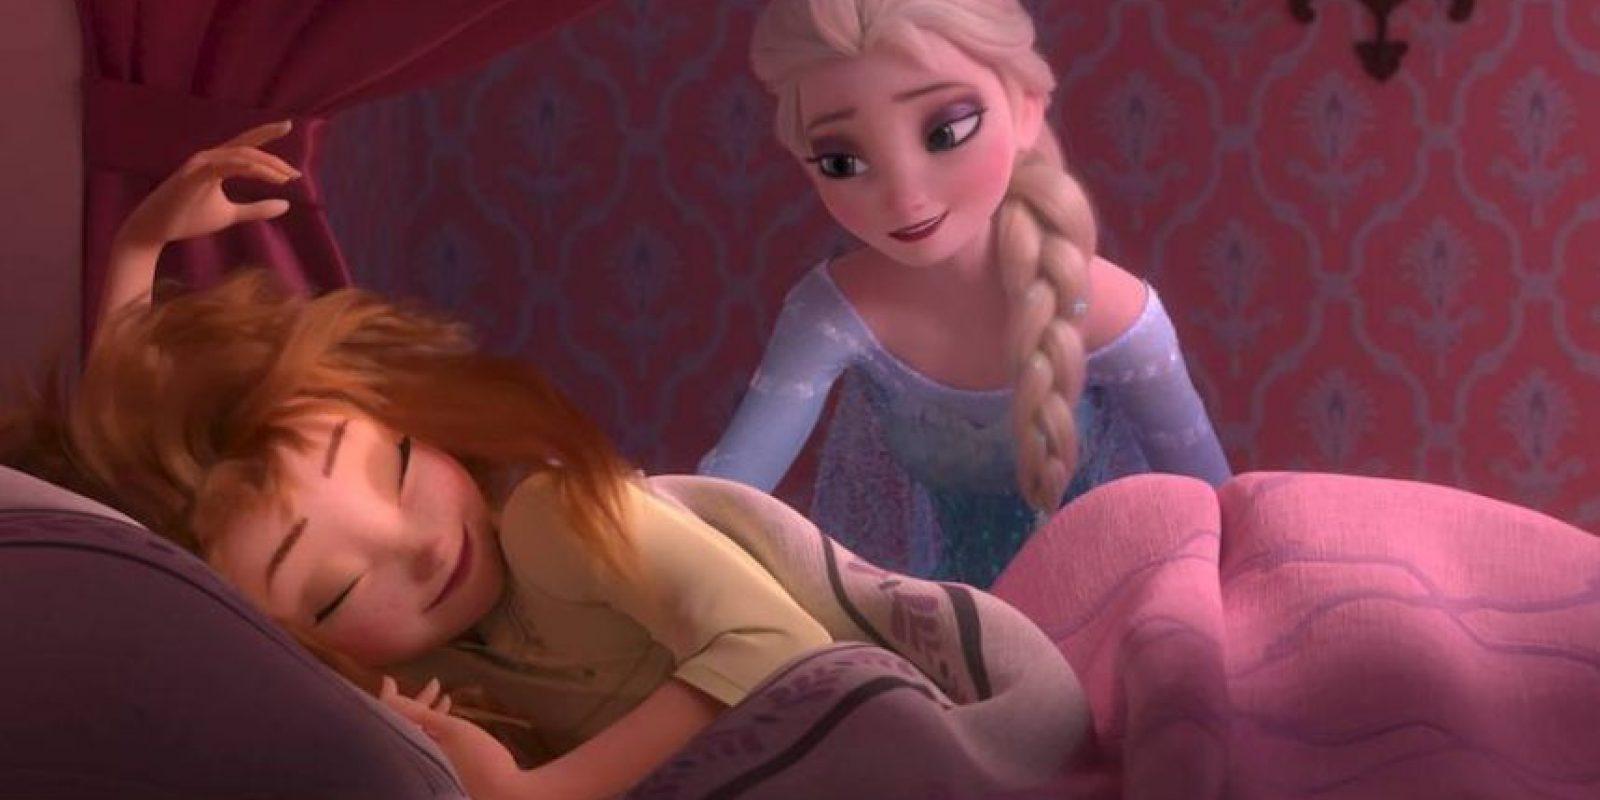 """Además, la conexión fraternal entre """"Anna"""" y """"Elsa"""" inspiran y dan confianza a los más chicos. Foto:vía facebook.com/DisneyFrozen"""